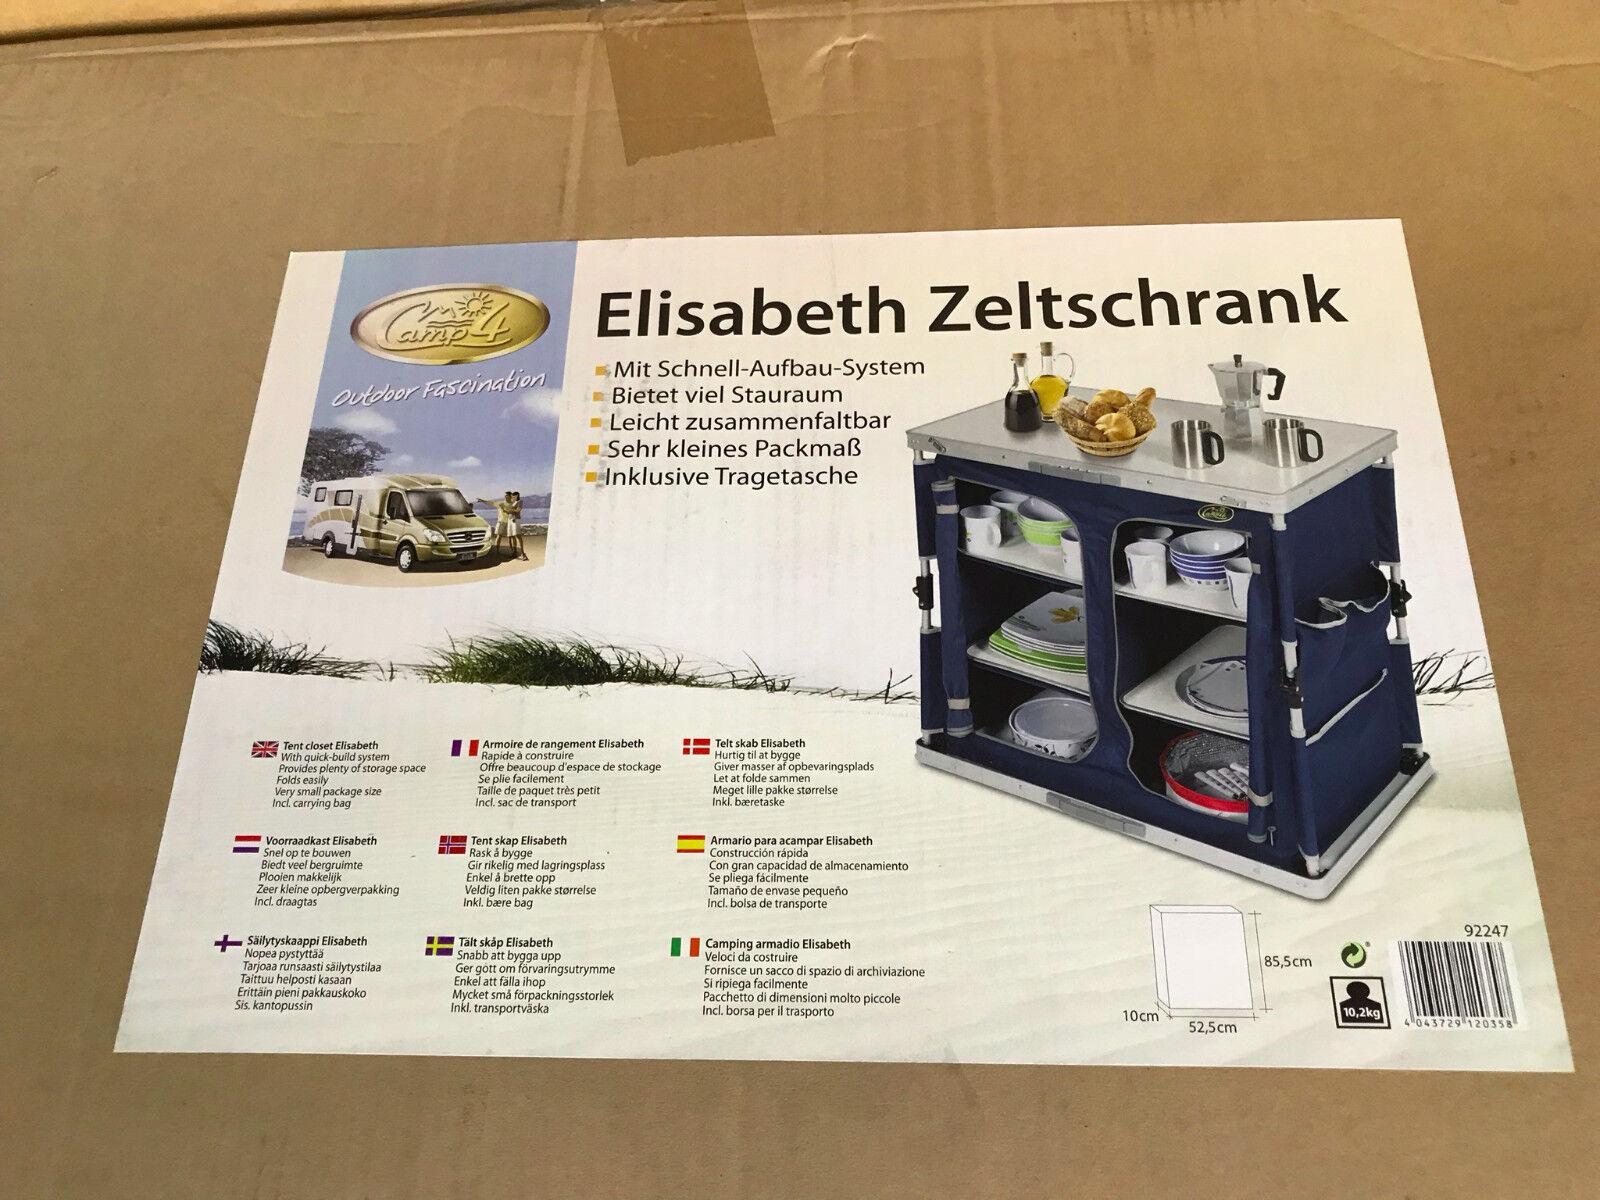 Elisabeth Zeltschrank Zeltschrank Zeltschrank Campingschrank Vorratsschrank 85 5x10x52 5cm f925ff